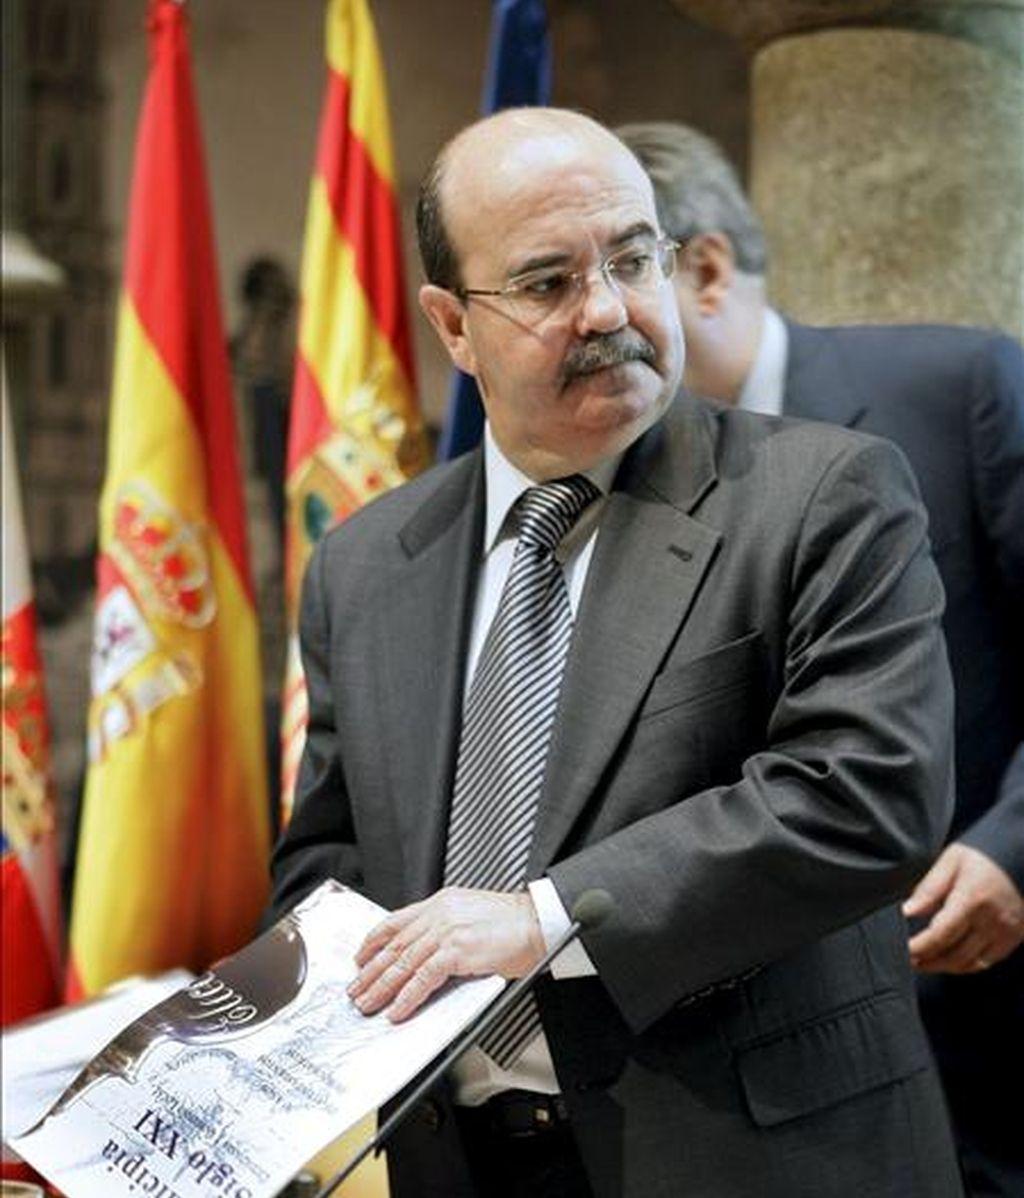 El secretario de Estado de Cooperación Territorial del Ministerio de Administraciones Públicas, Gaspar Zarrías. EFE/Archivo